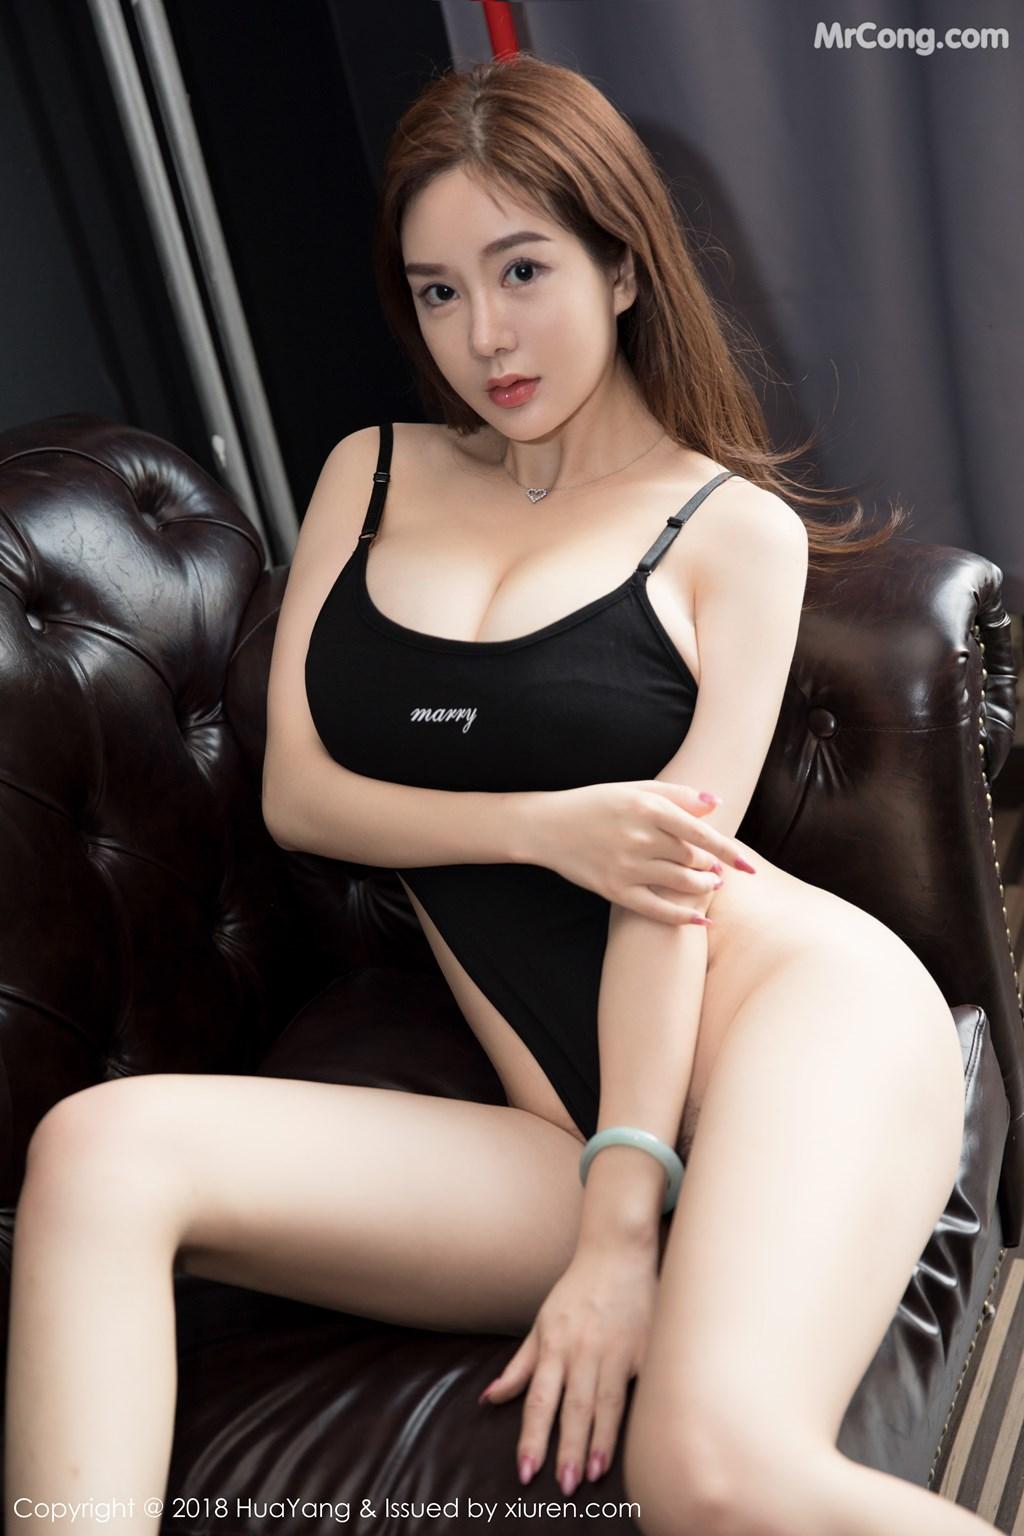 Image HuaYang-2018-08-09-Vol.068-Silvia-MrCong.com-004 in post HuaYang 2018-08-09 Vol.068: Người mẫu 易阳Silvia (41 ảnh)